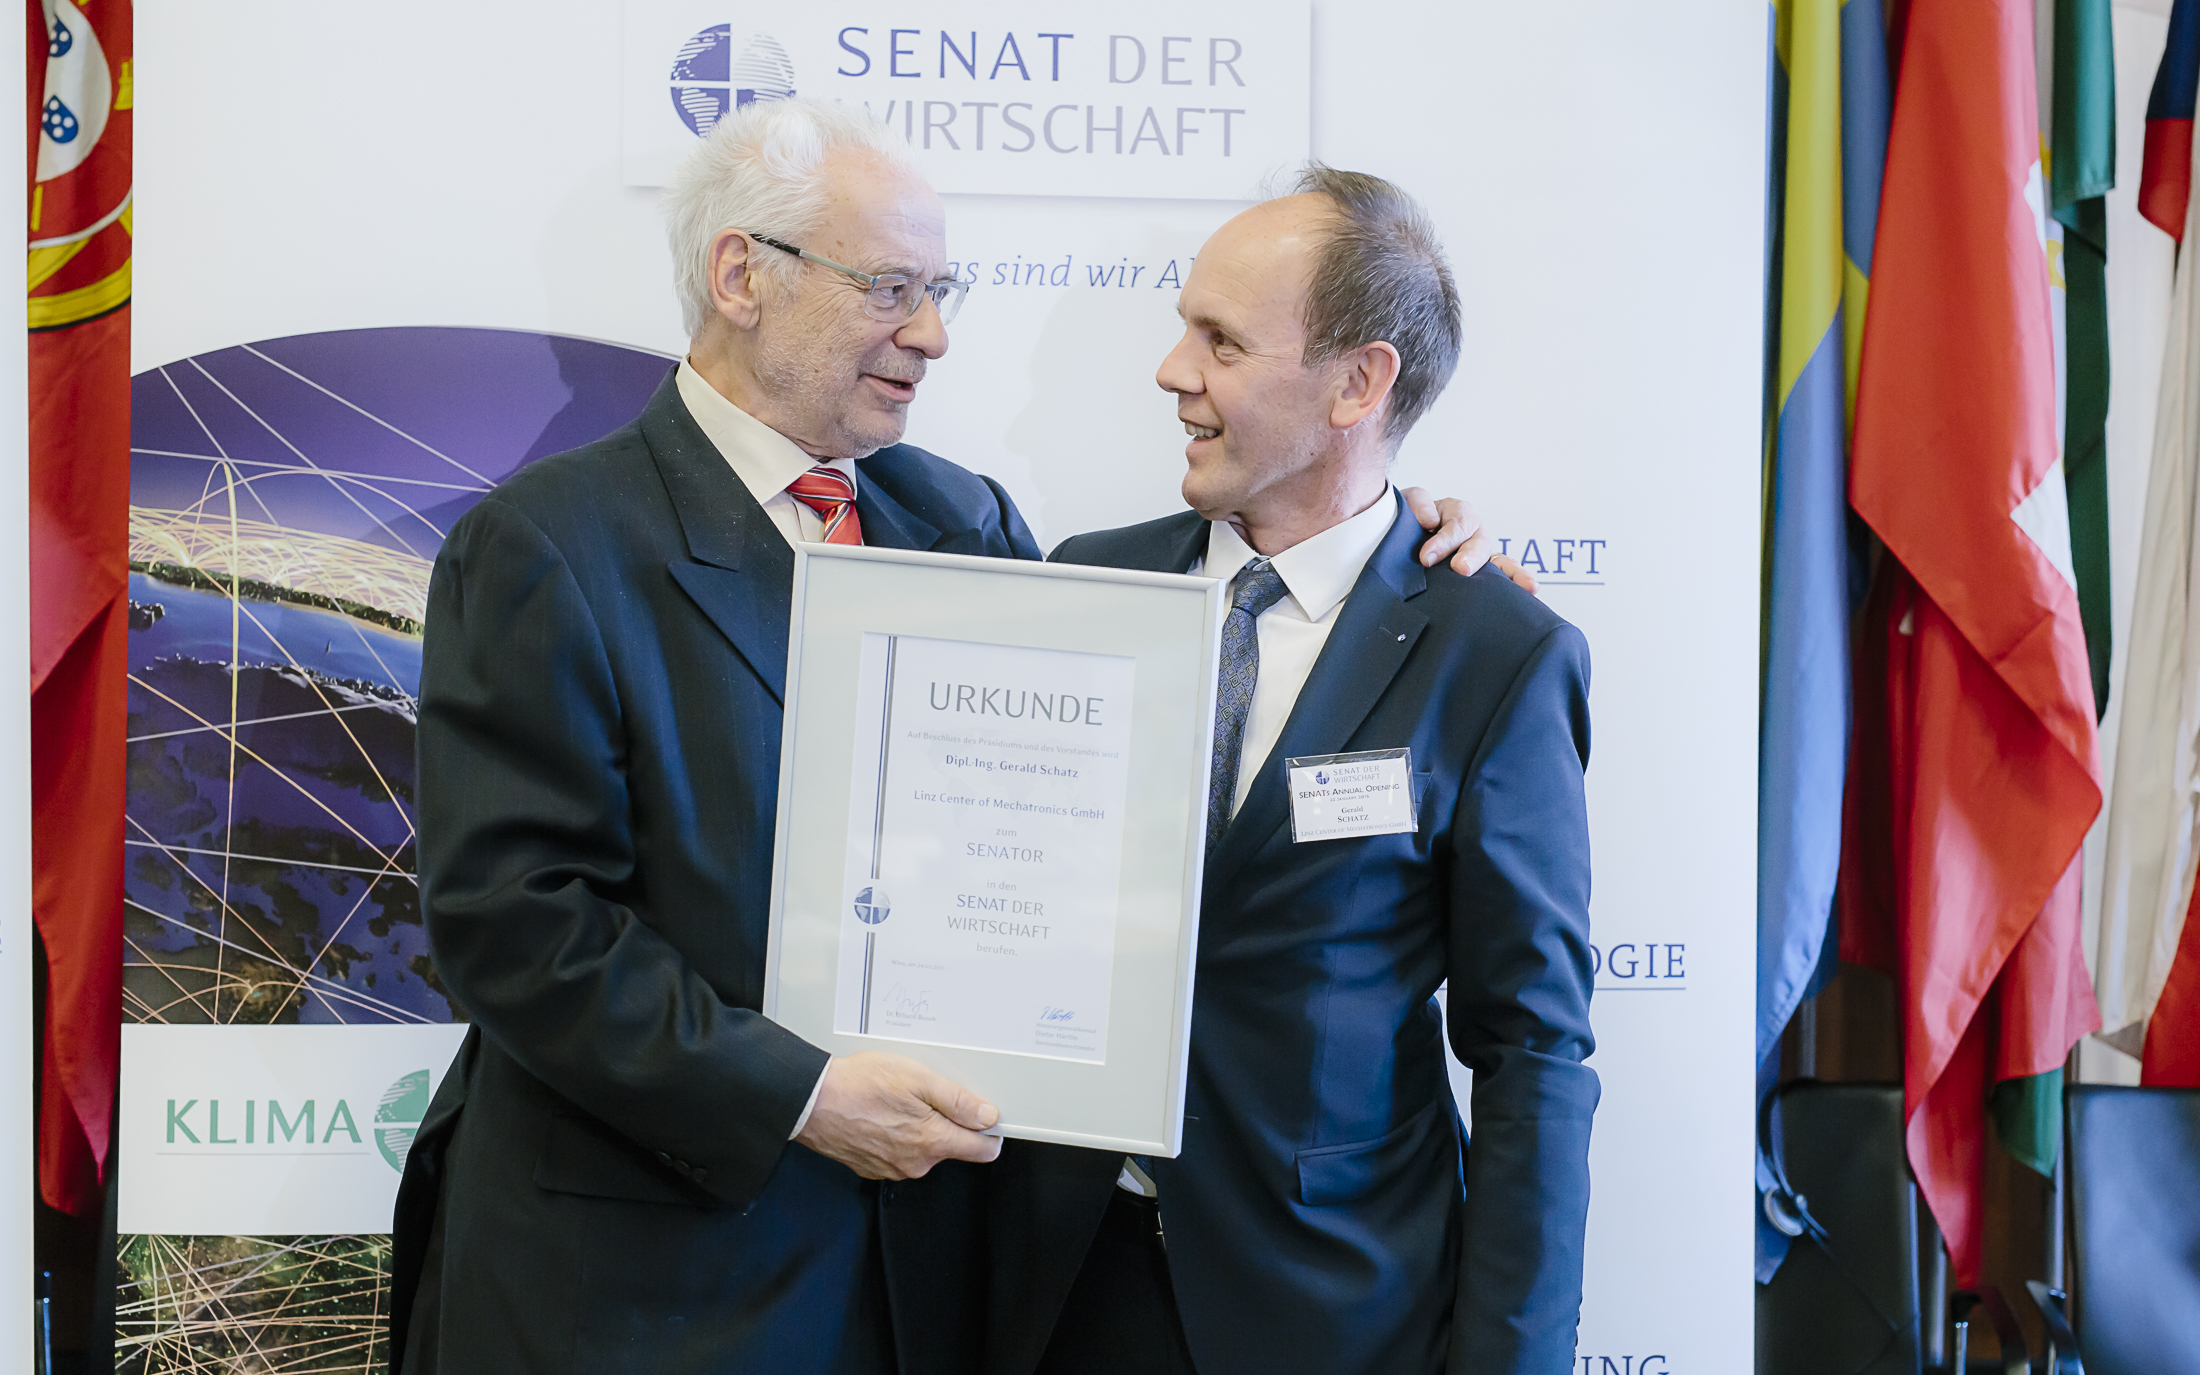 Verleihung der Mitgliedschaft im Senat der Wirtschaft